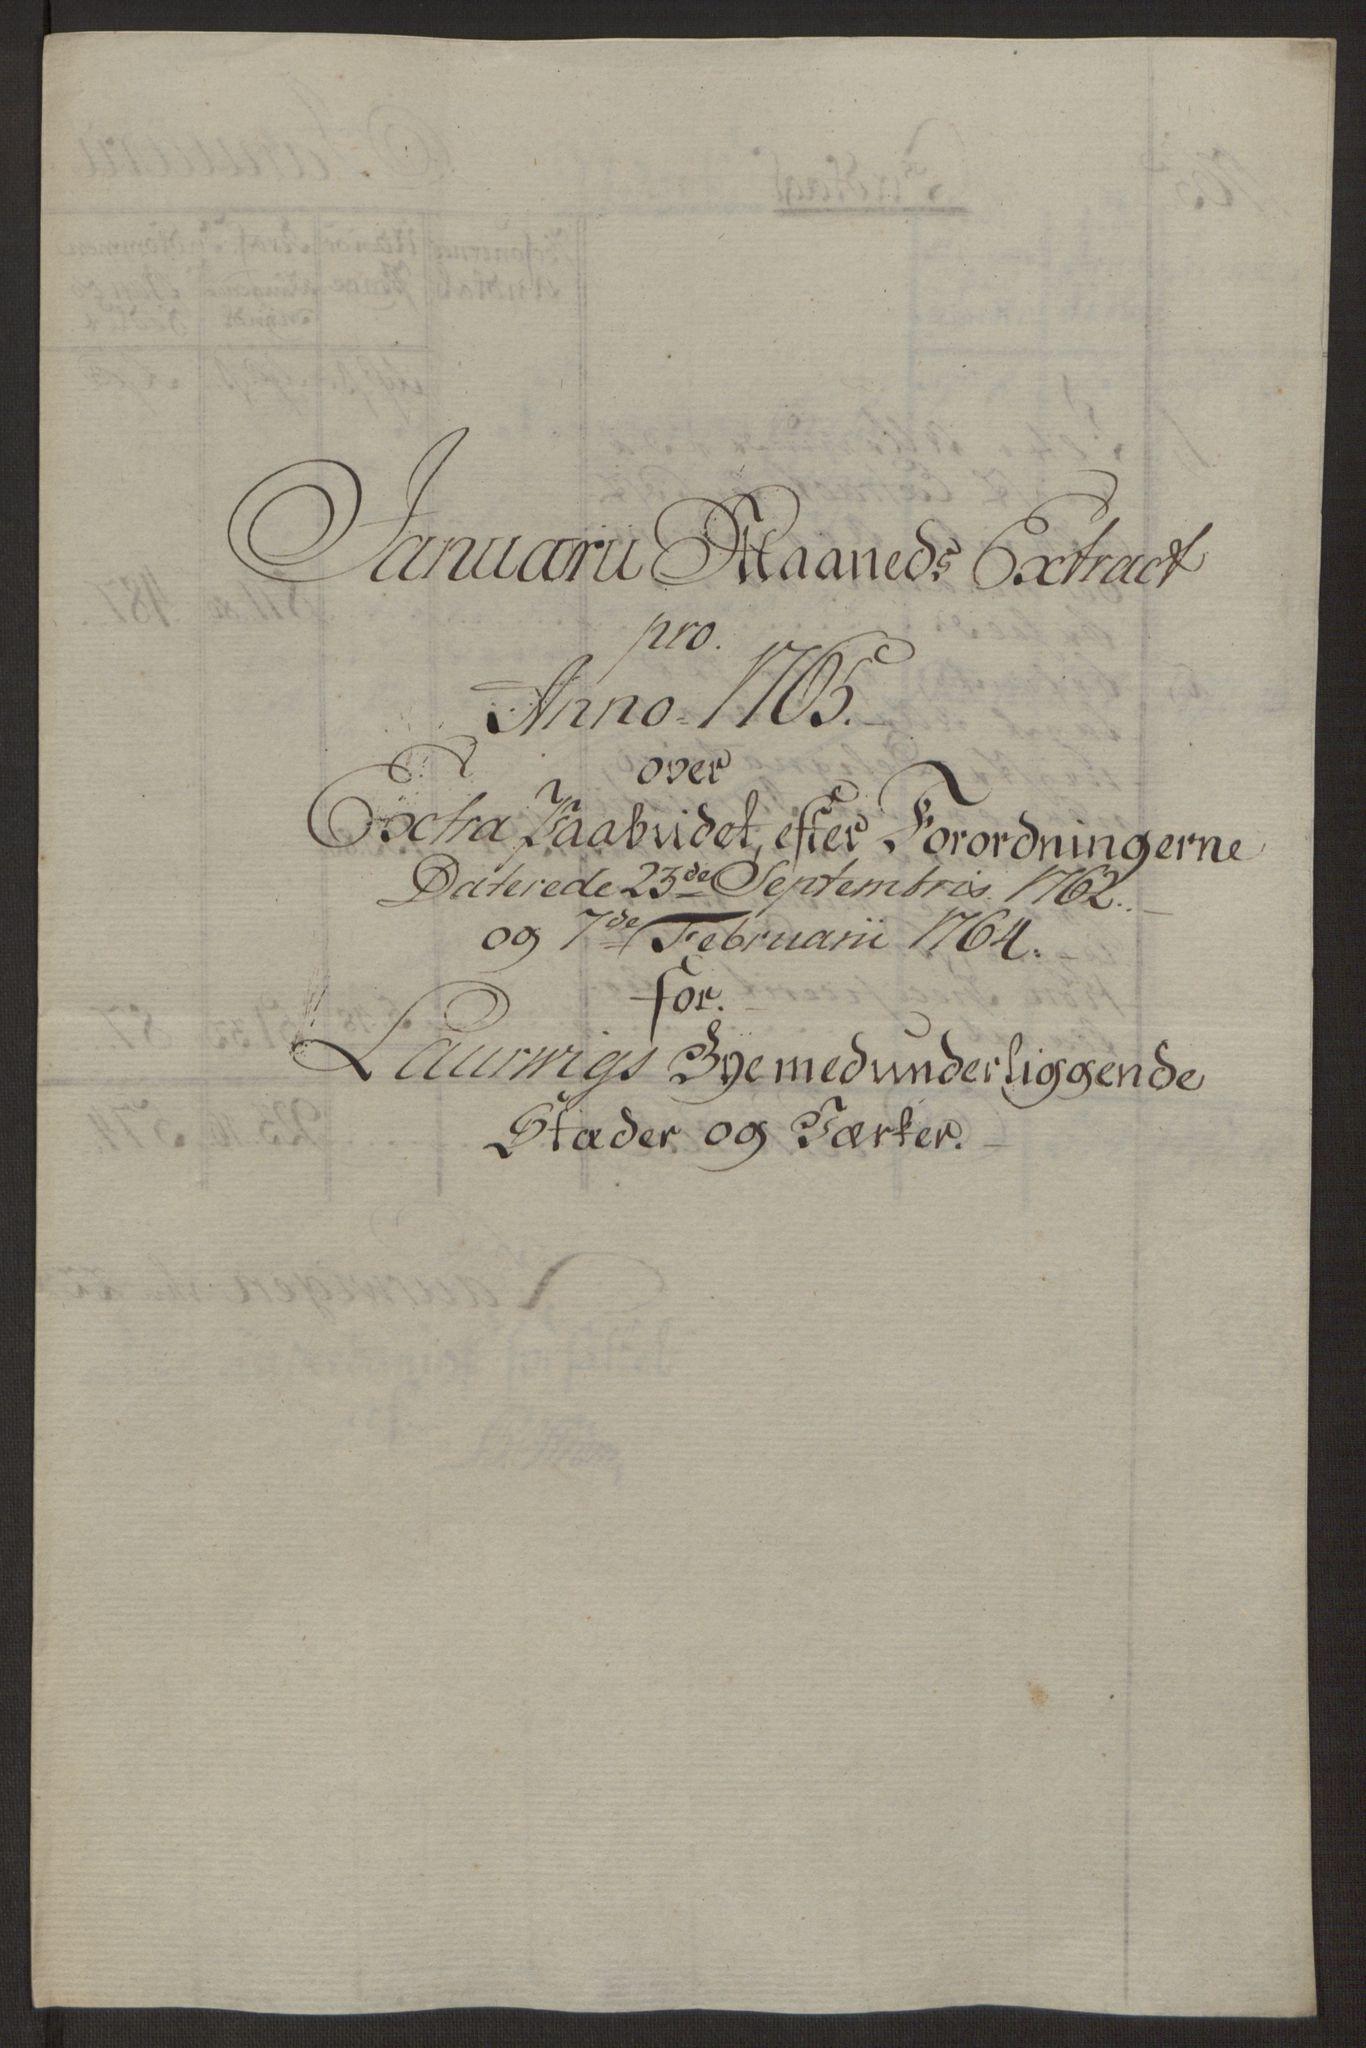 RA, Rentekammeret inntil 1814, Reviderte regnskaper, Byregnskaper, R/Ri/L0183: [I4] Kontribusjonsregnskap, 1762-1768, s. 254